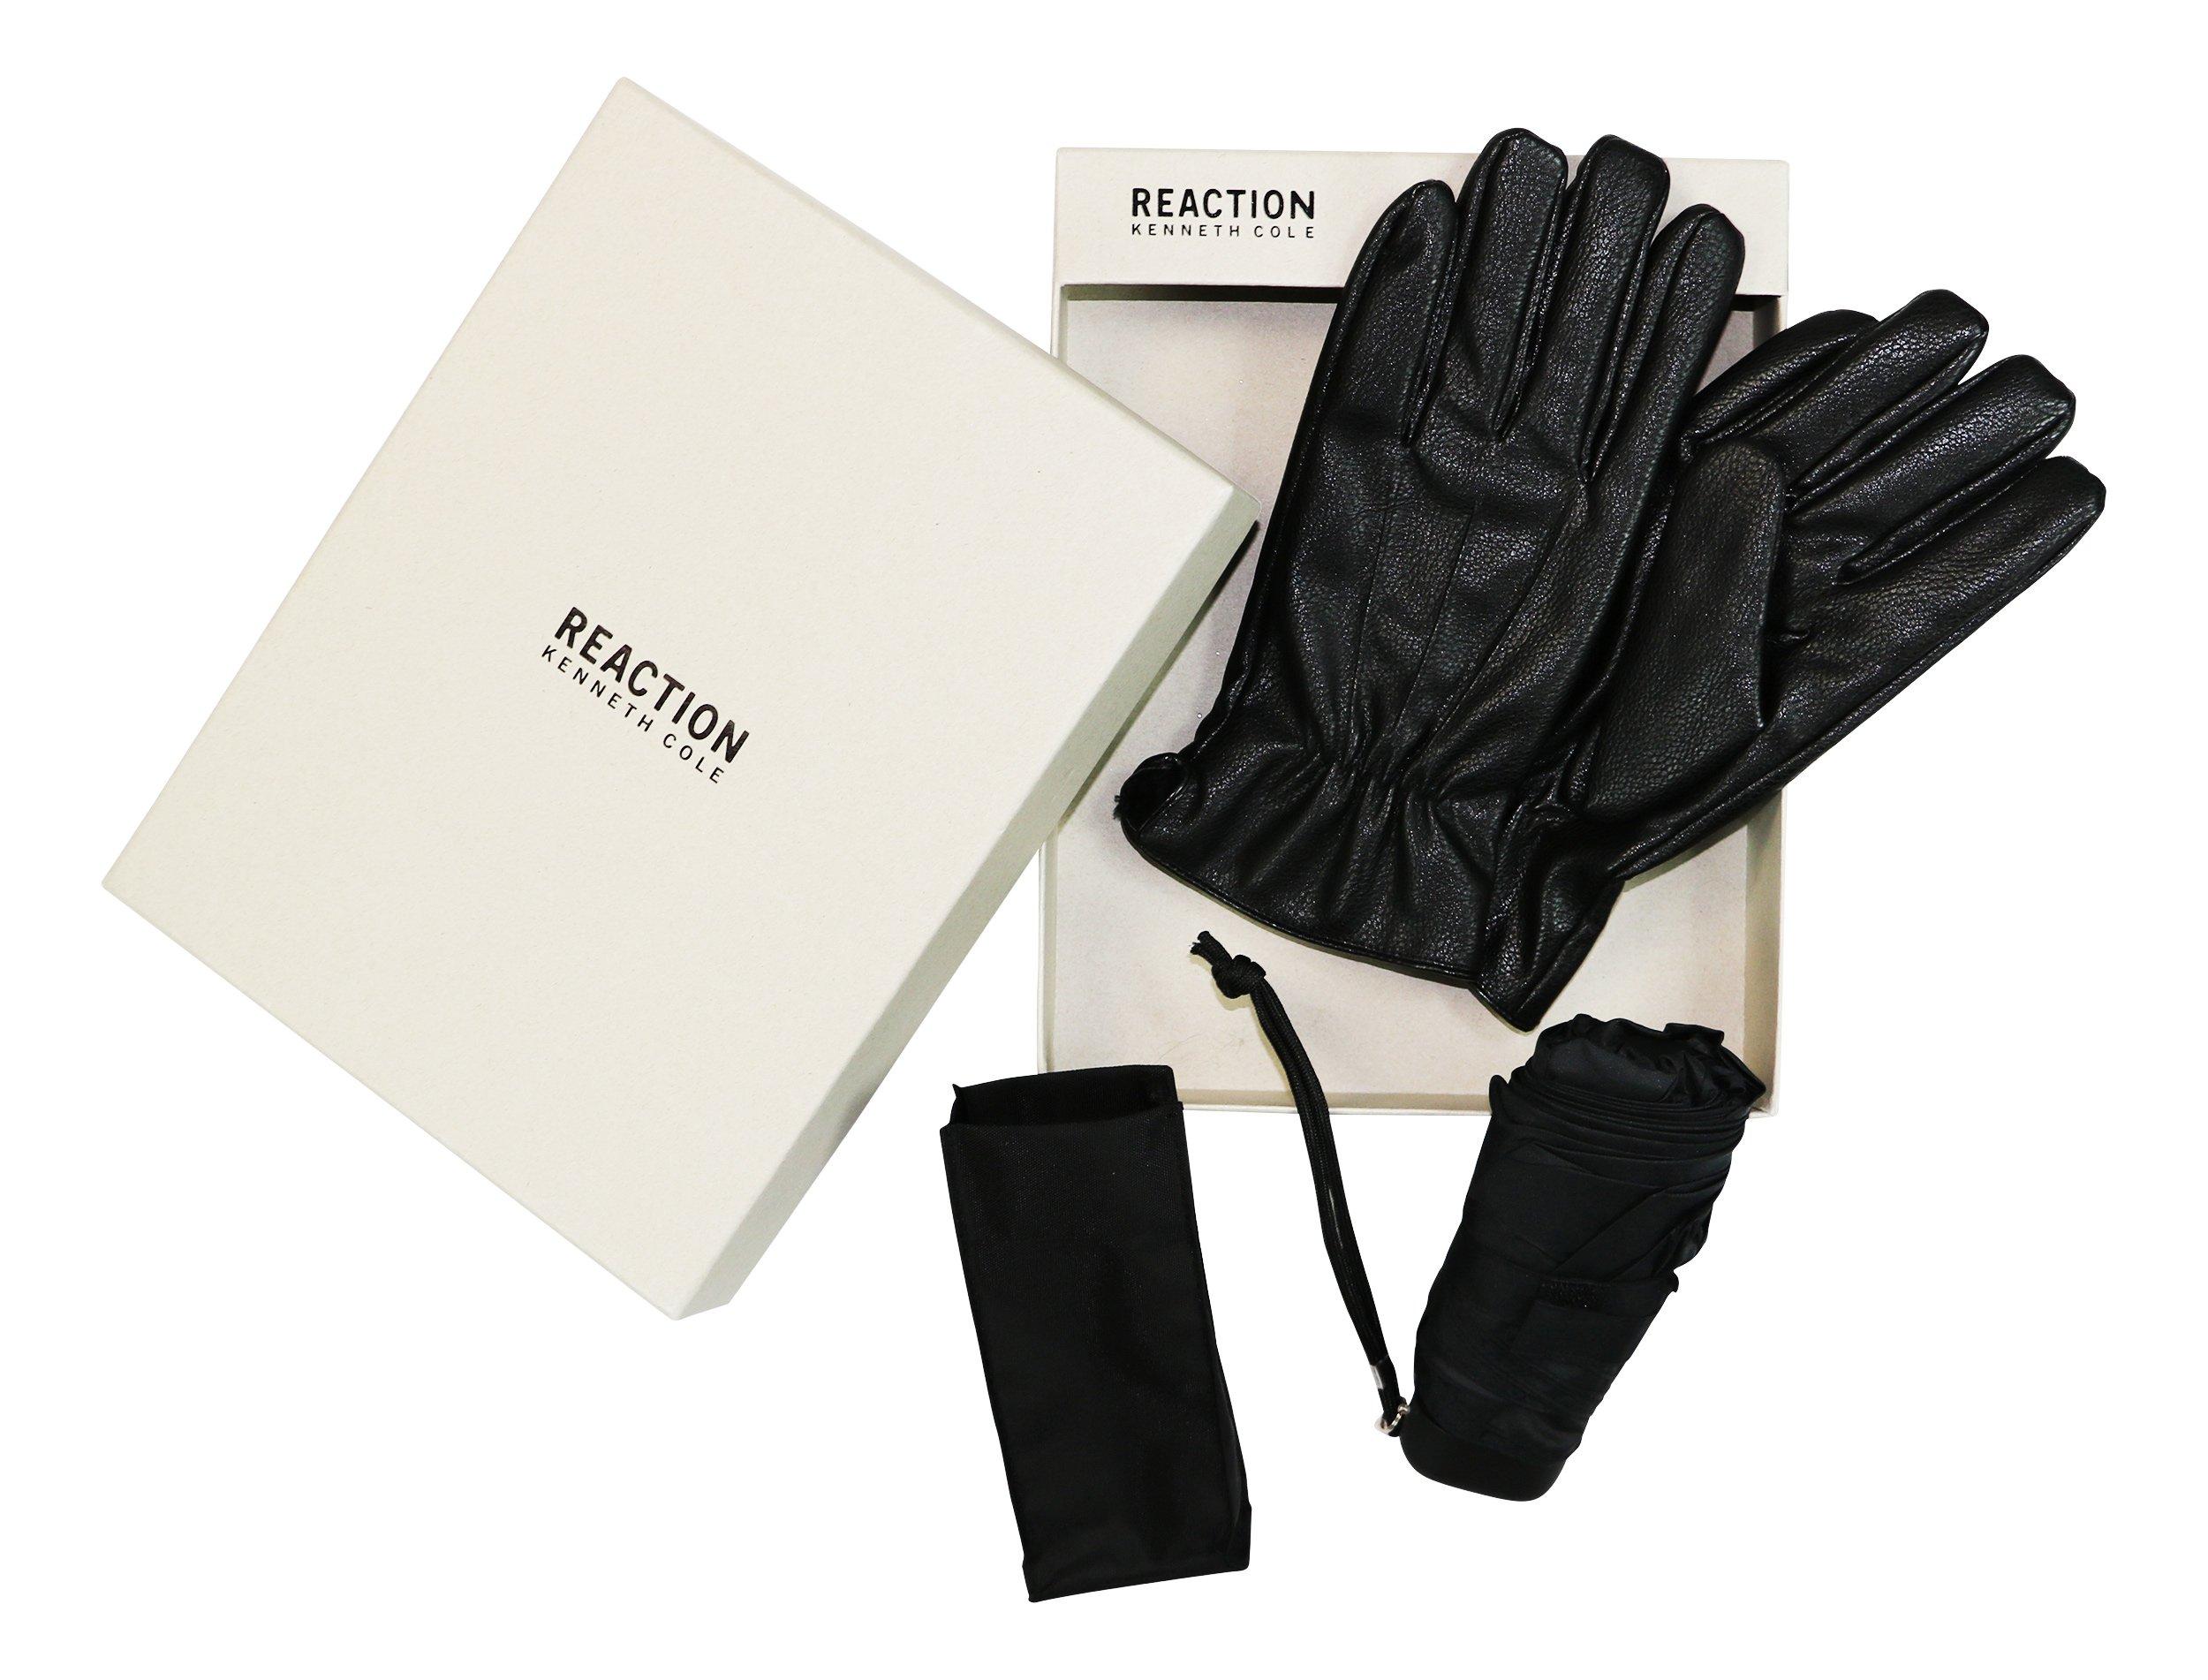 REACTION Men's Leather Gloves & Umbrella Gift Set LARGE